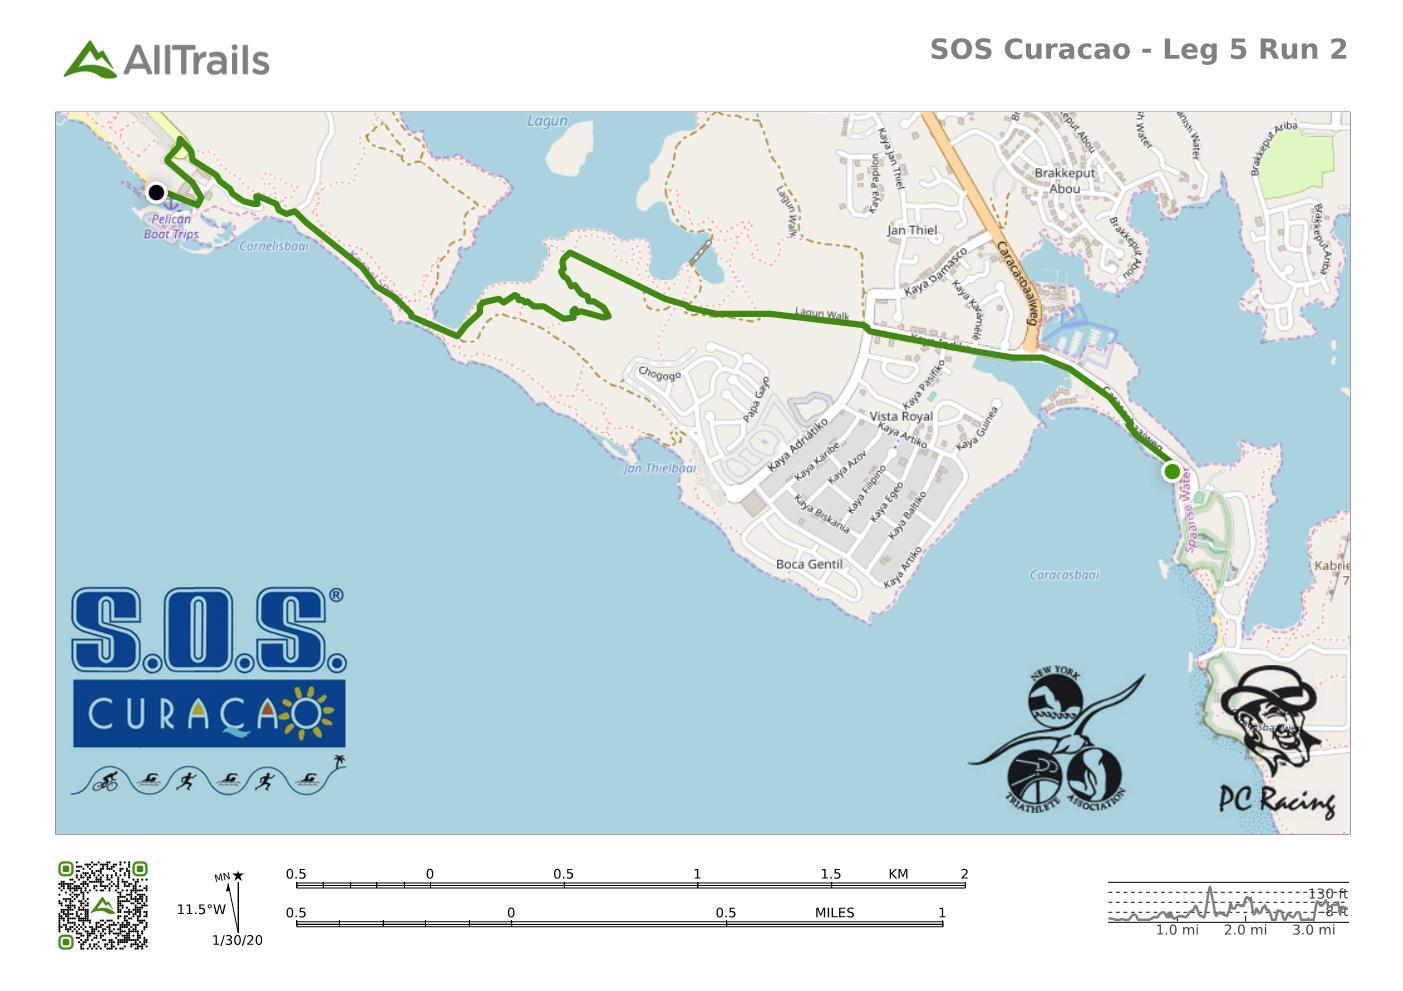 SOS Curacao - Leg 5 Run 2.r1